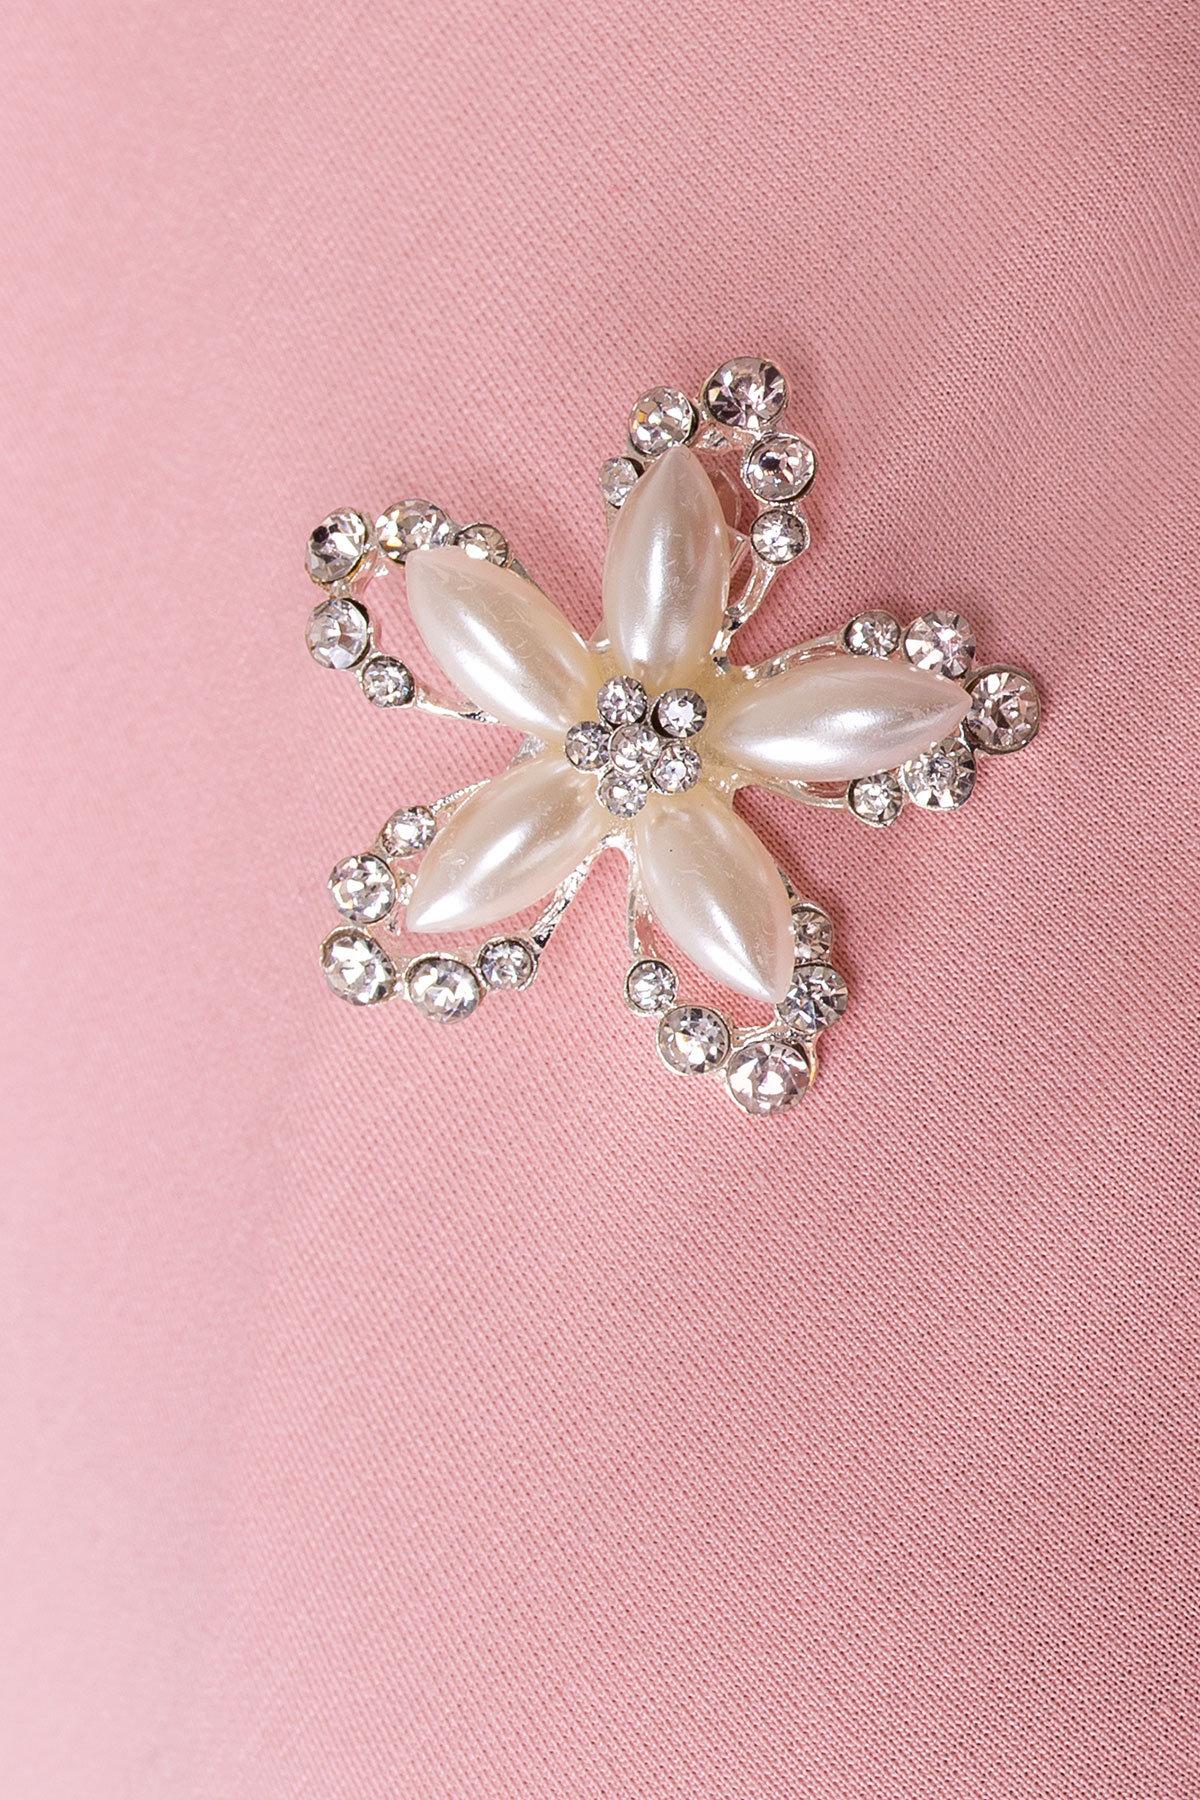 Платье Доларис 1925 АРТ. 13621 Цвет: Розовый - фото 4, интернет магазин tm-modus.ru